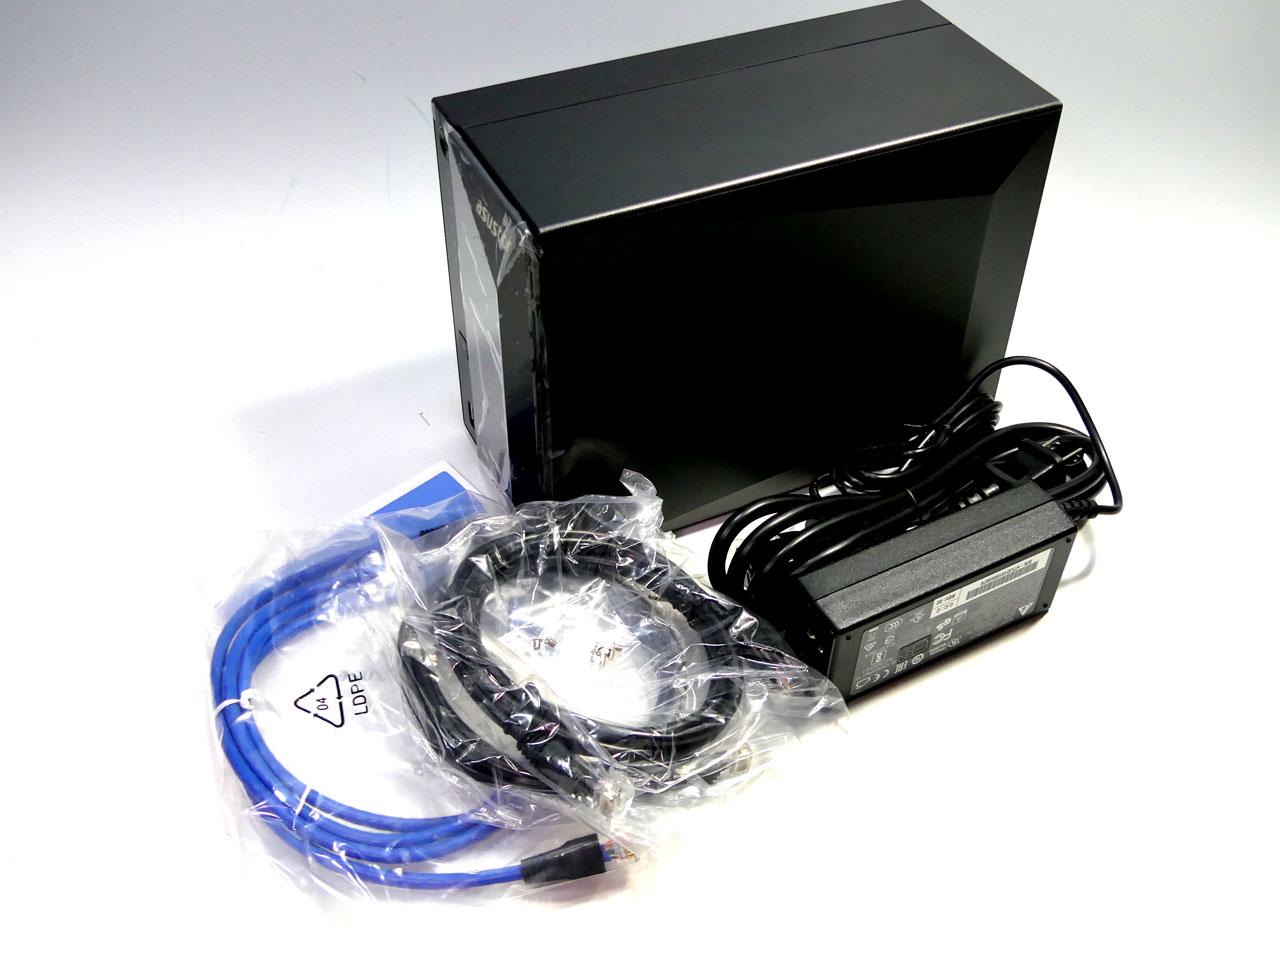 ASUSTOR「AS4002T」。実売3万円台ながら、10GBASE-T対応のLANポートを標準搭載。10GbE接続用のCAT6aケーブルも同梱される